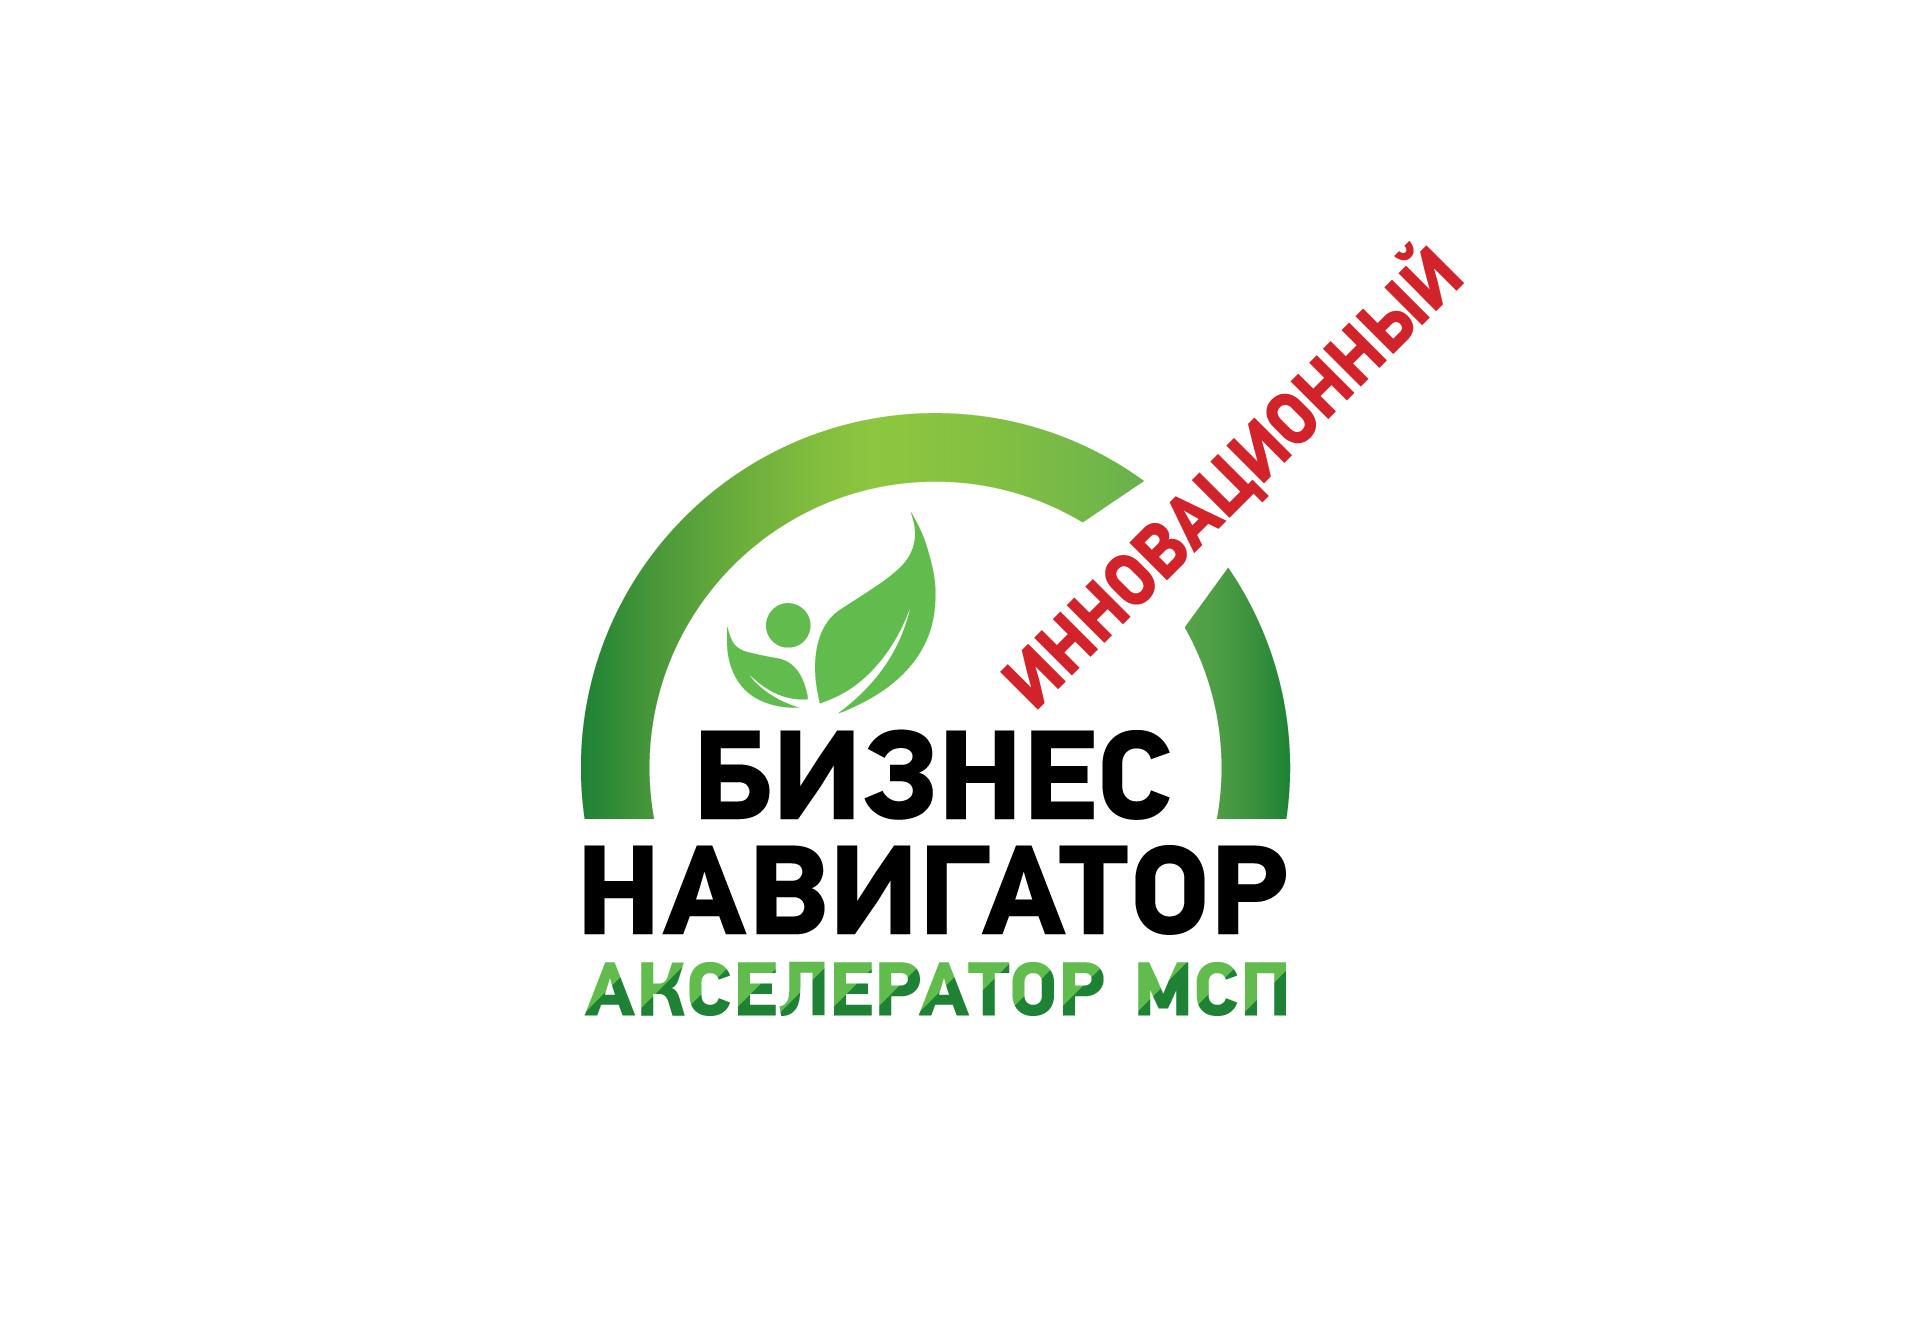 Стартапы и НКО приглашаются к участию в акселерационной программе для экологических проектов